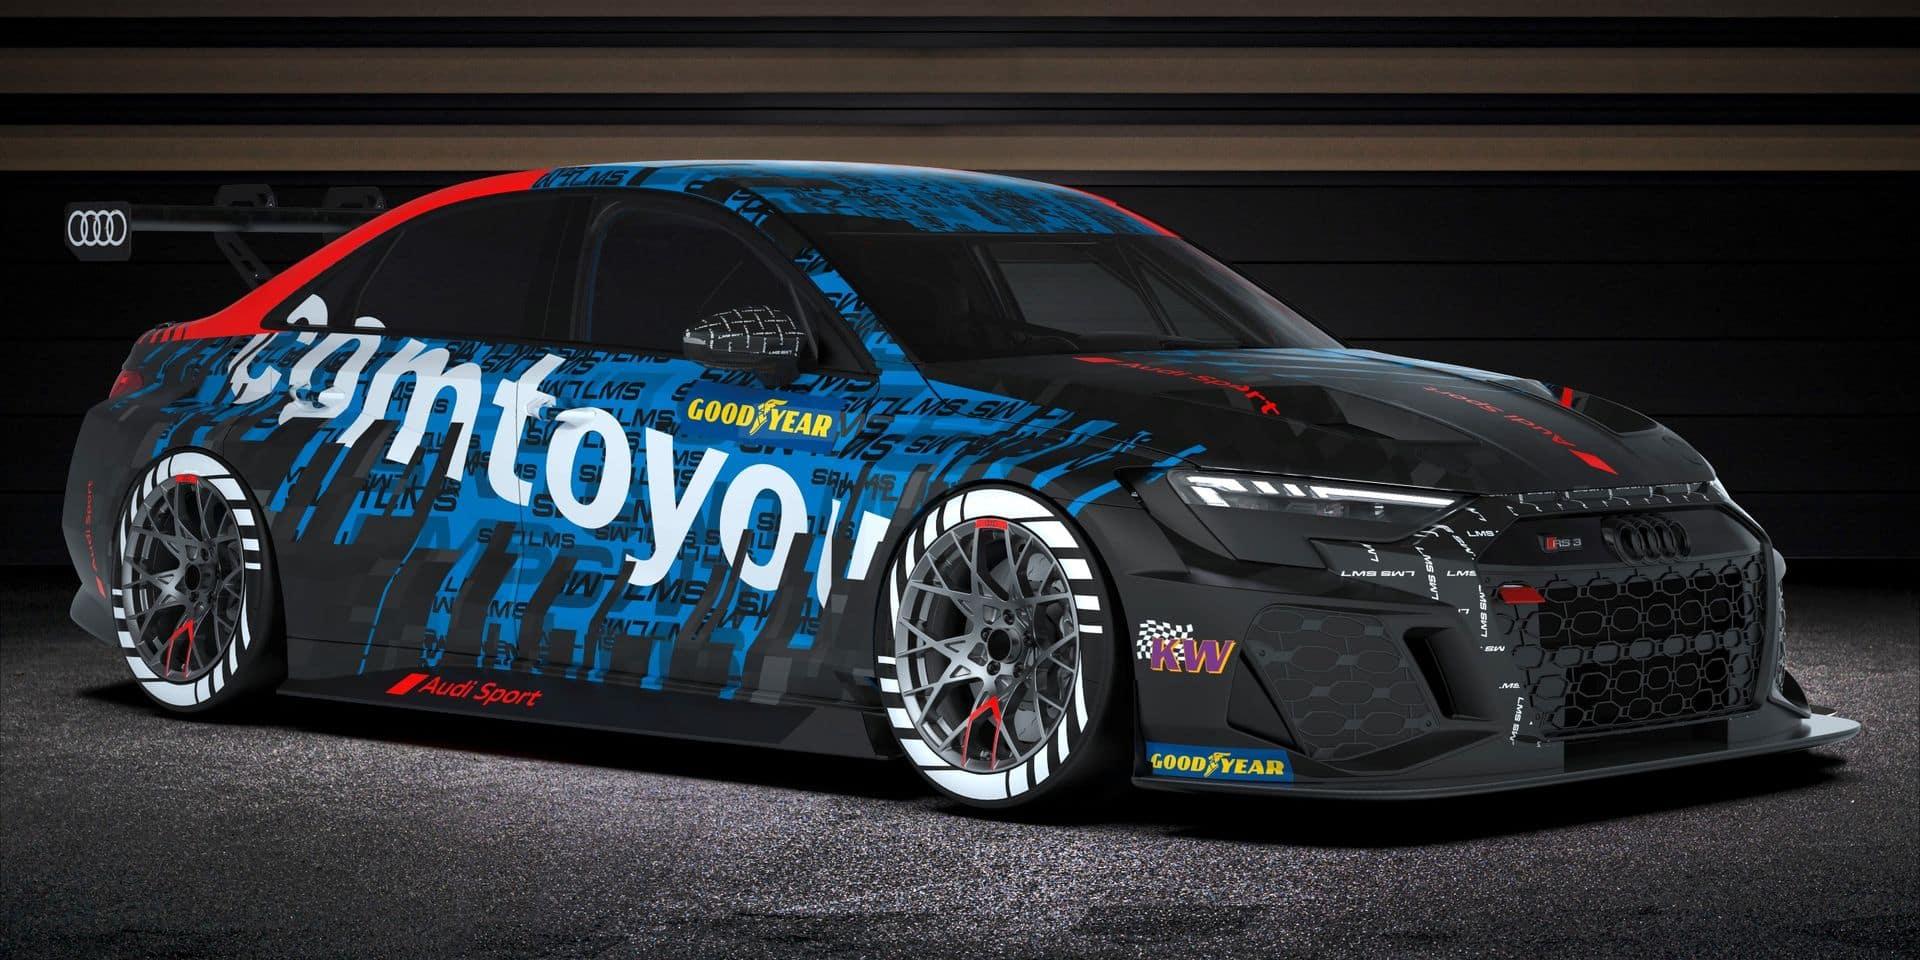 Comtoyou Racing et Fred Vervisch visent le titre mondial en Tourisme avec la nouvelle Audi RS3 LMS